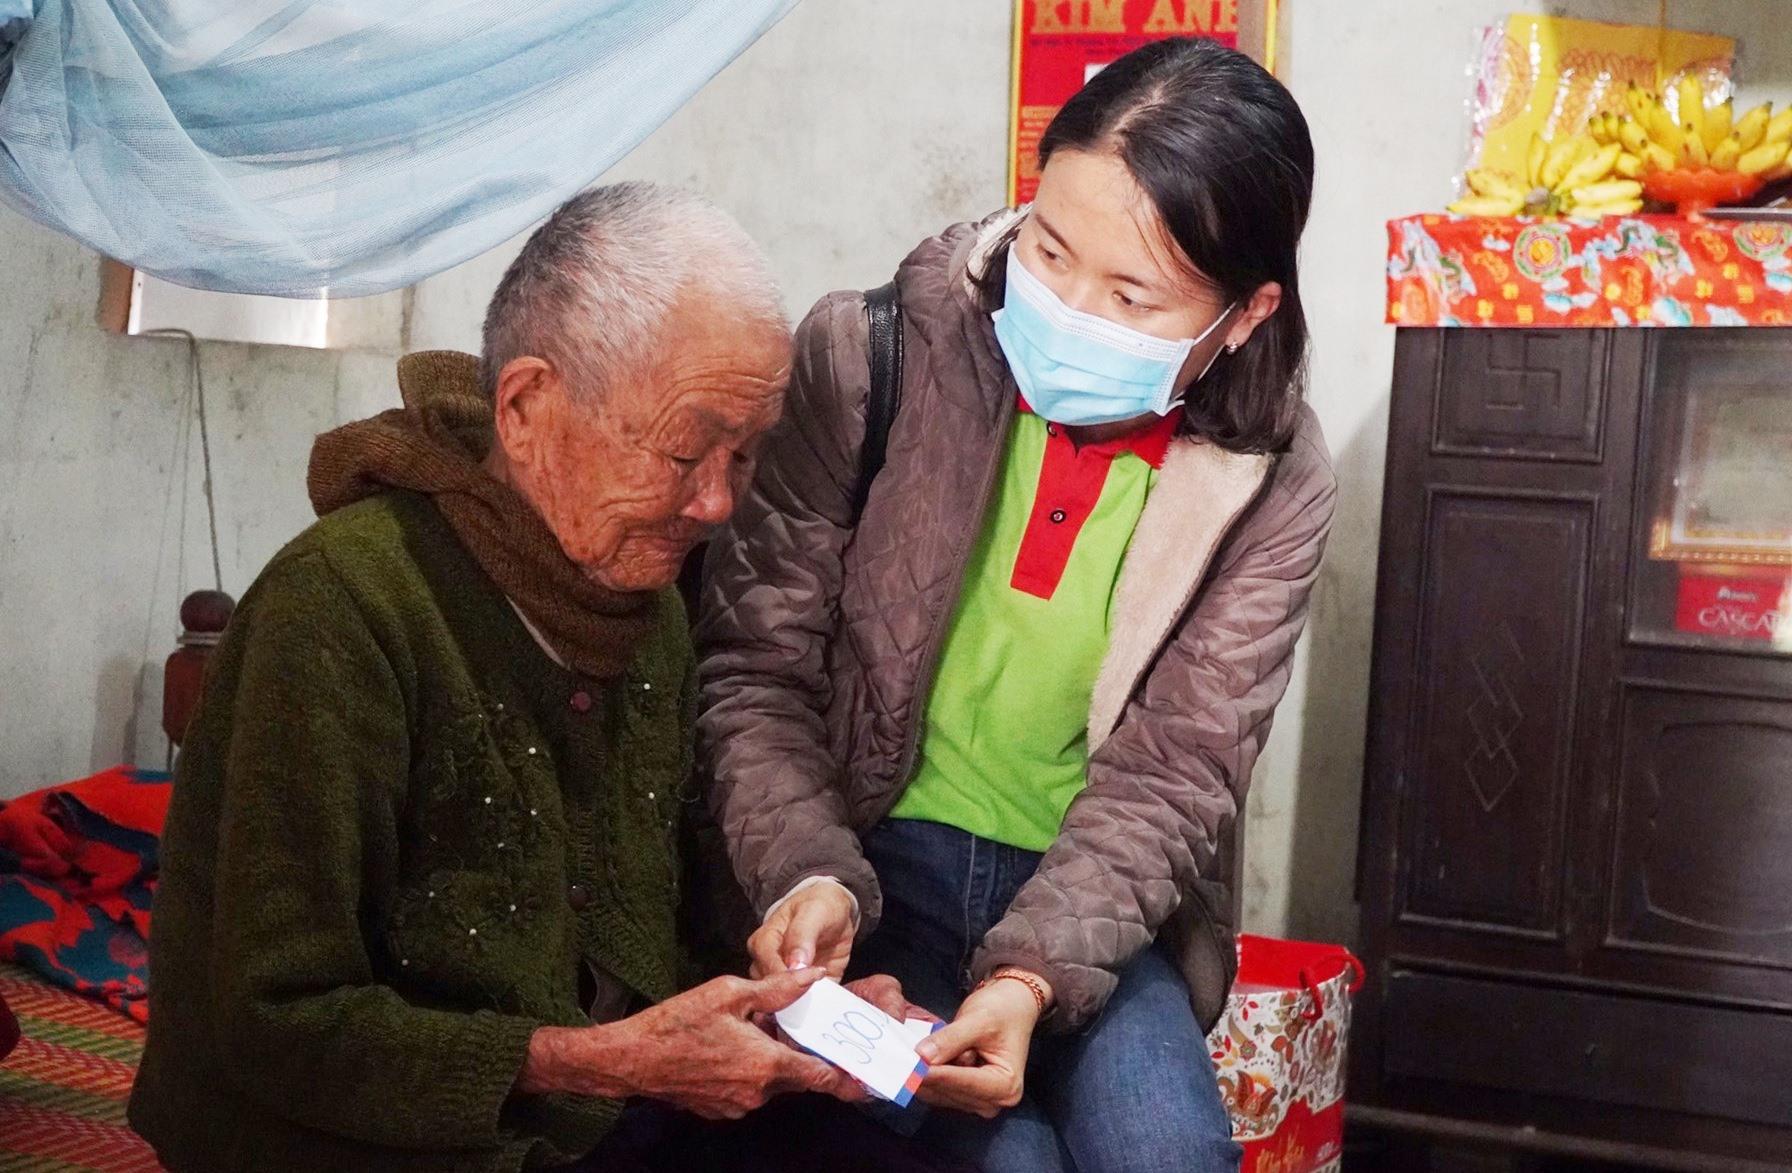 CLB Nhân ái TP.Đà Nẵng trao quà tết cho hoàn cảnh khó khăn tại thị xã Điện Bàn